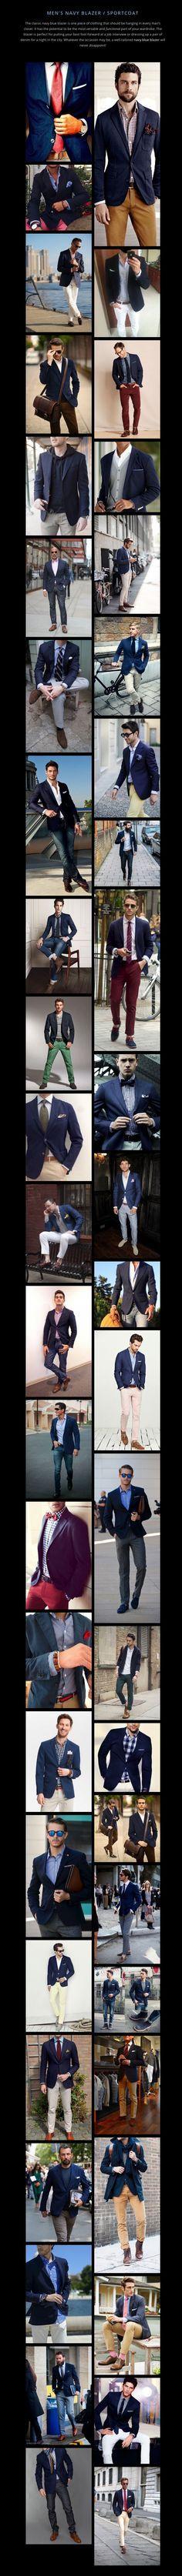 Men's Navy Blazer / Sportcoat                                                                                                                                                      More